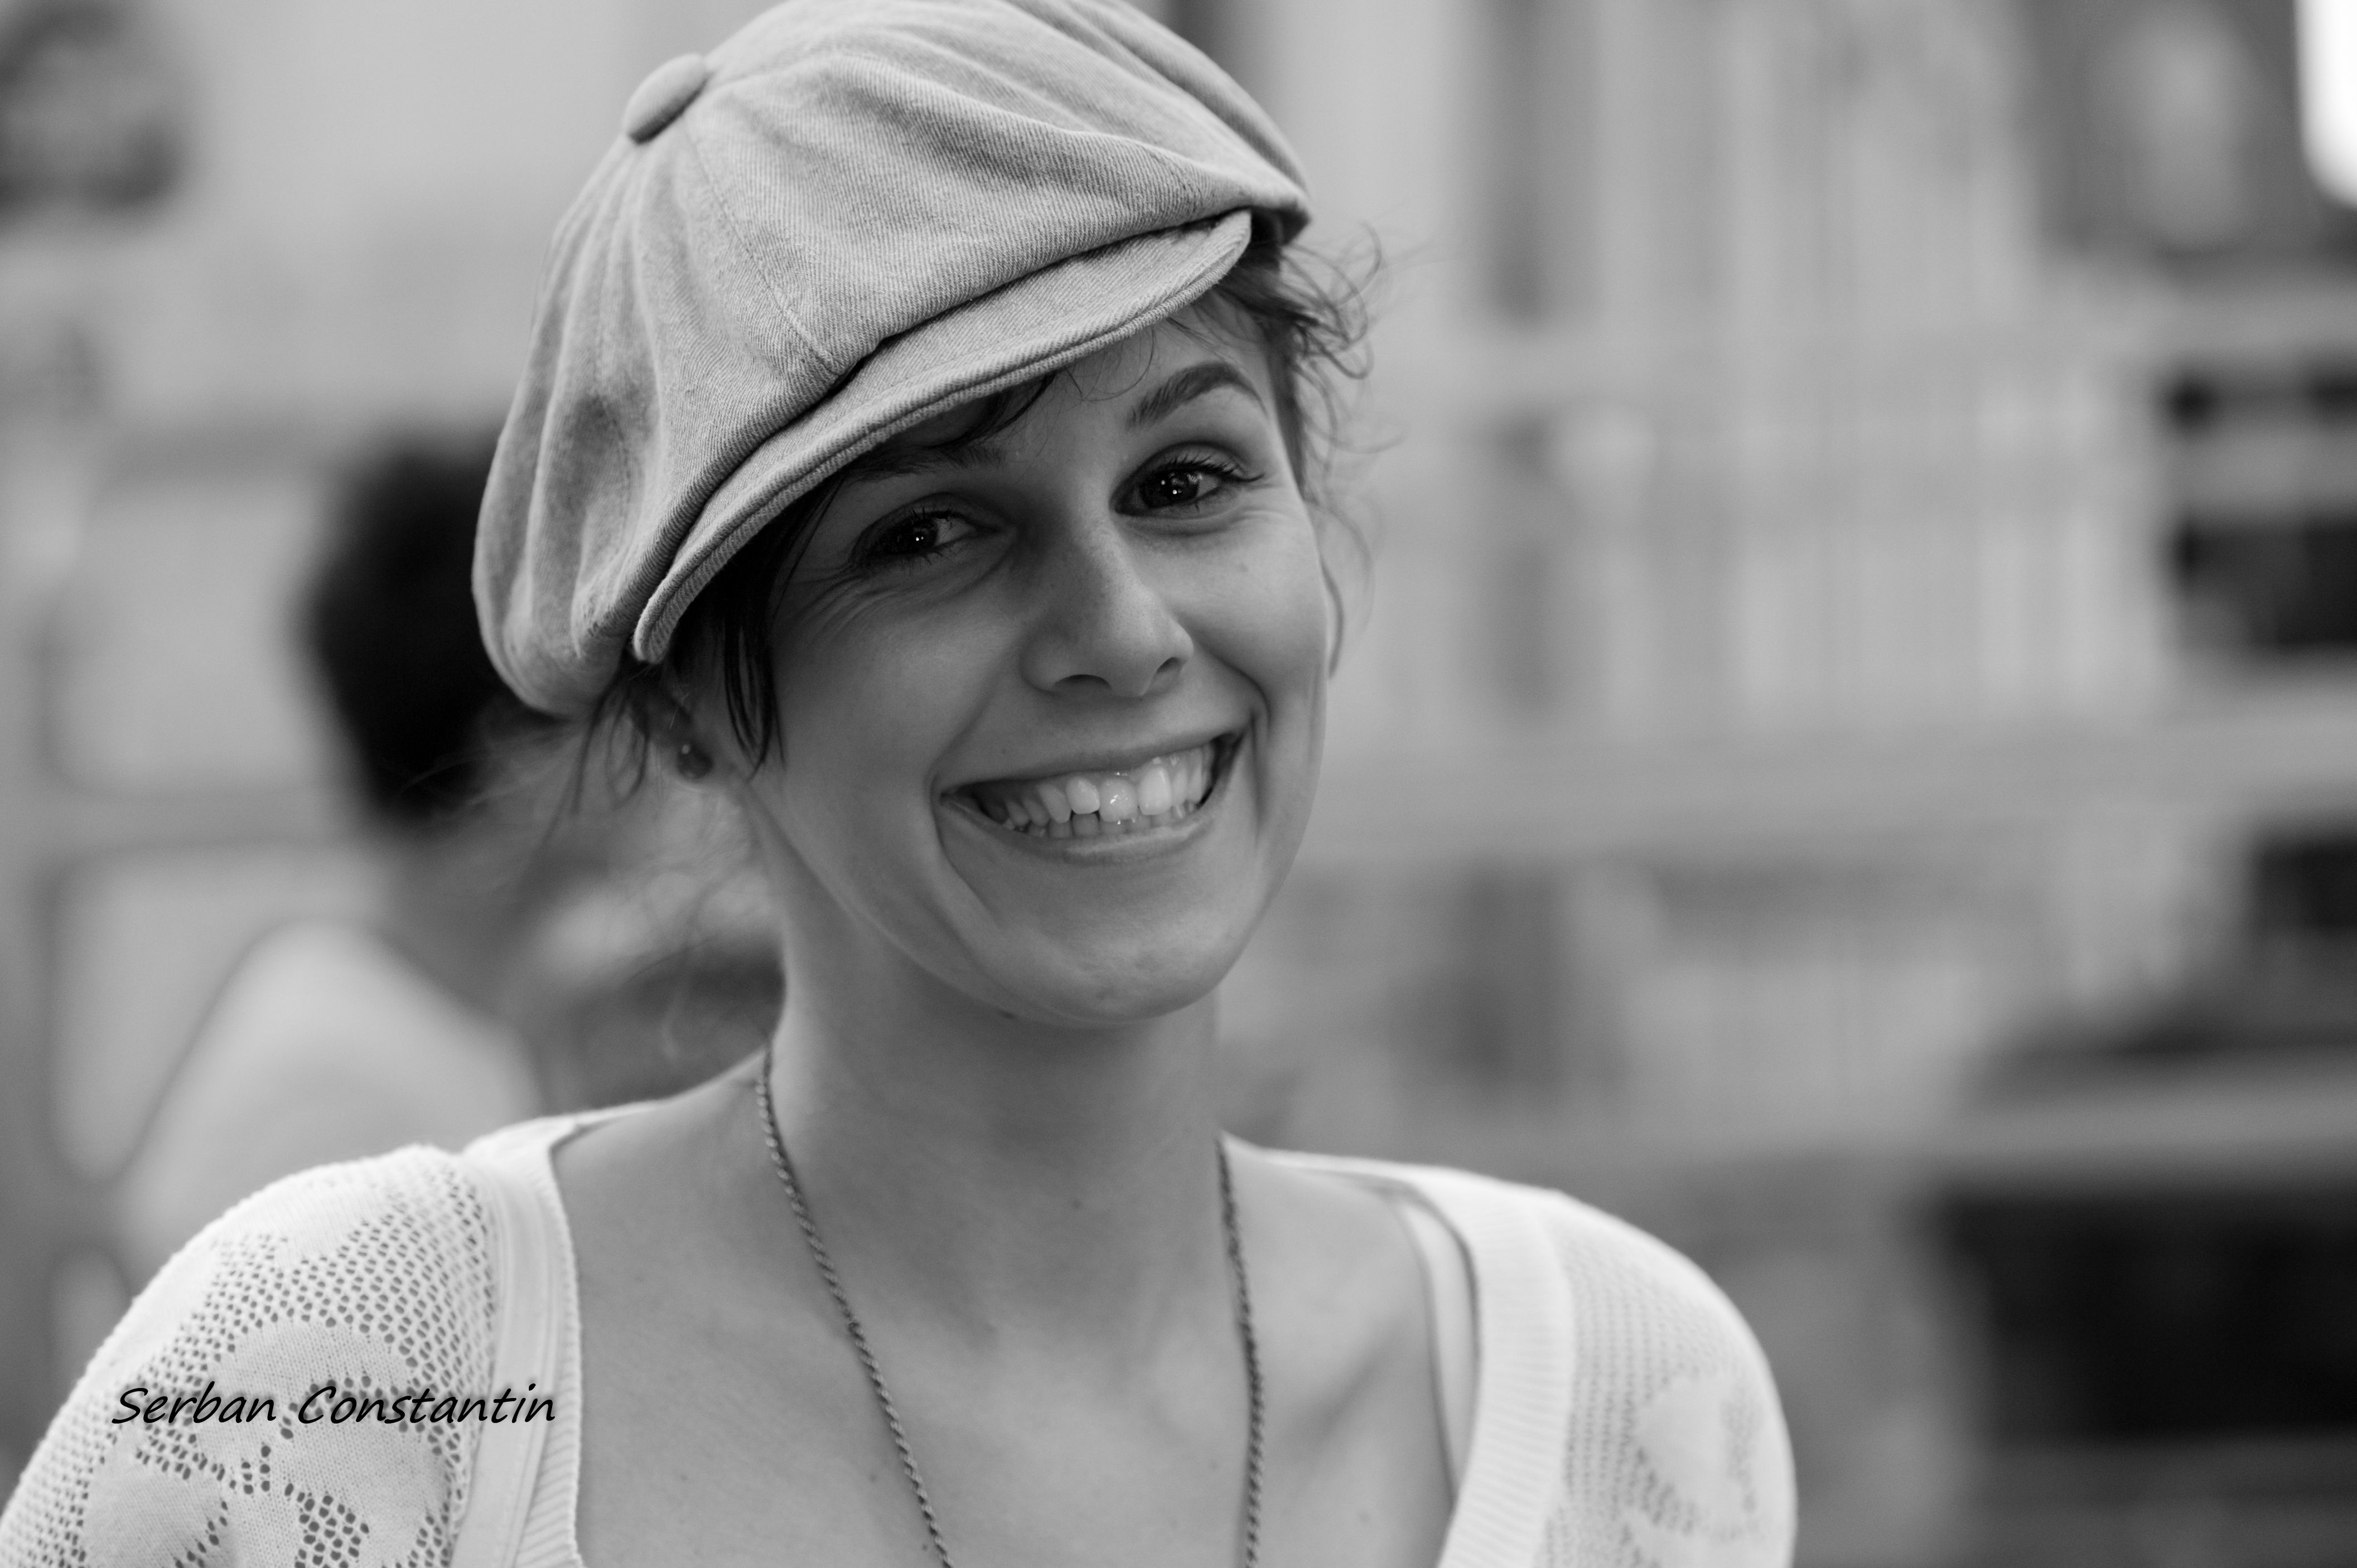 #portretdefemeie